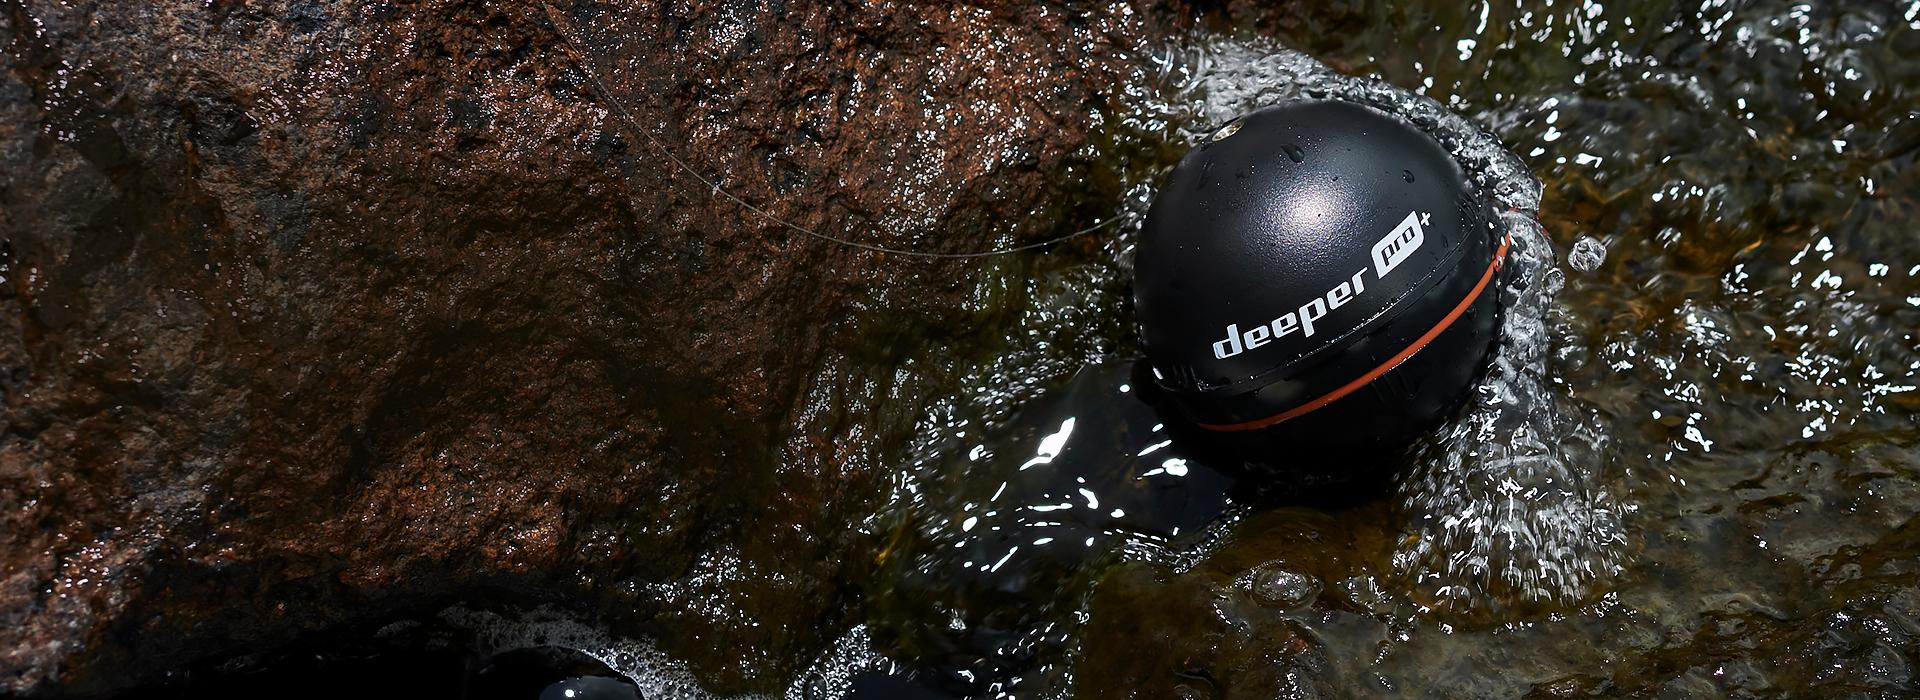 Připravte se na novou rybářskou vlnu!Pořiďte si sonar Deeper za cenu od 4989,00 Kč.